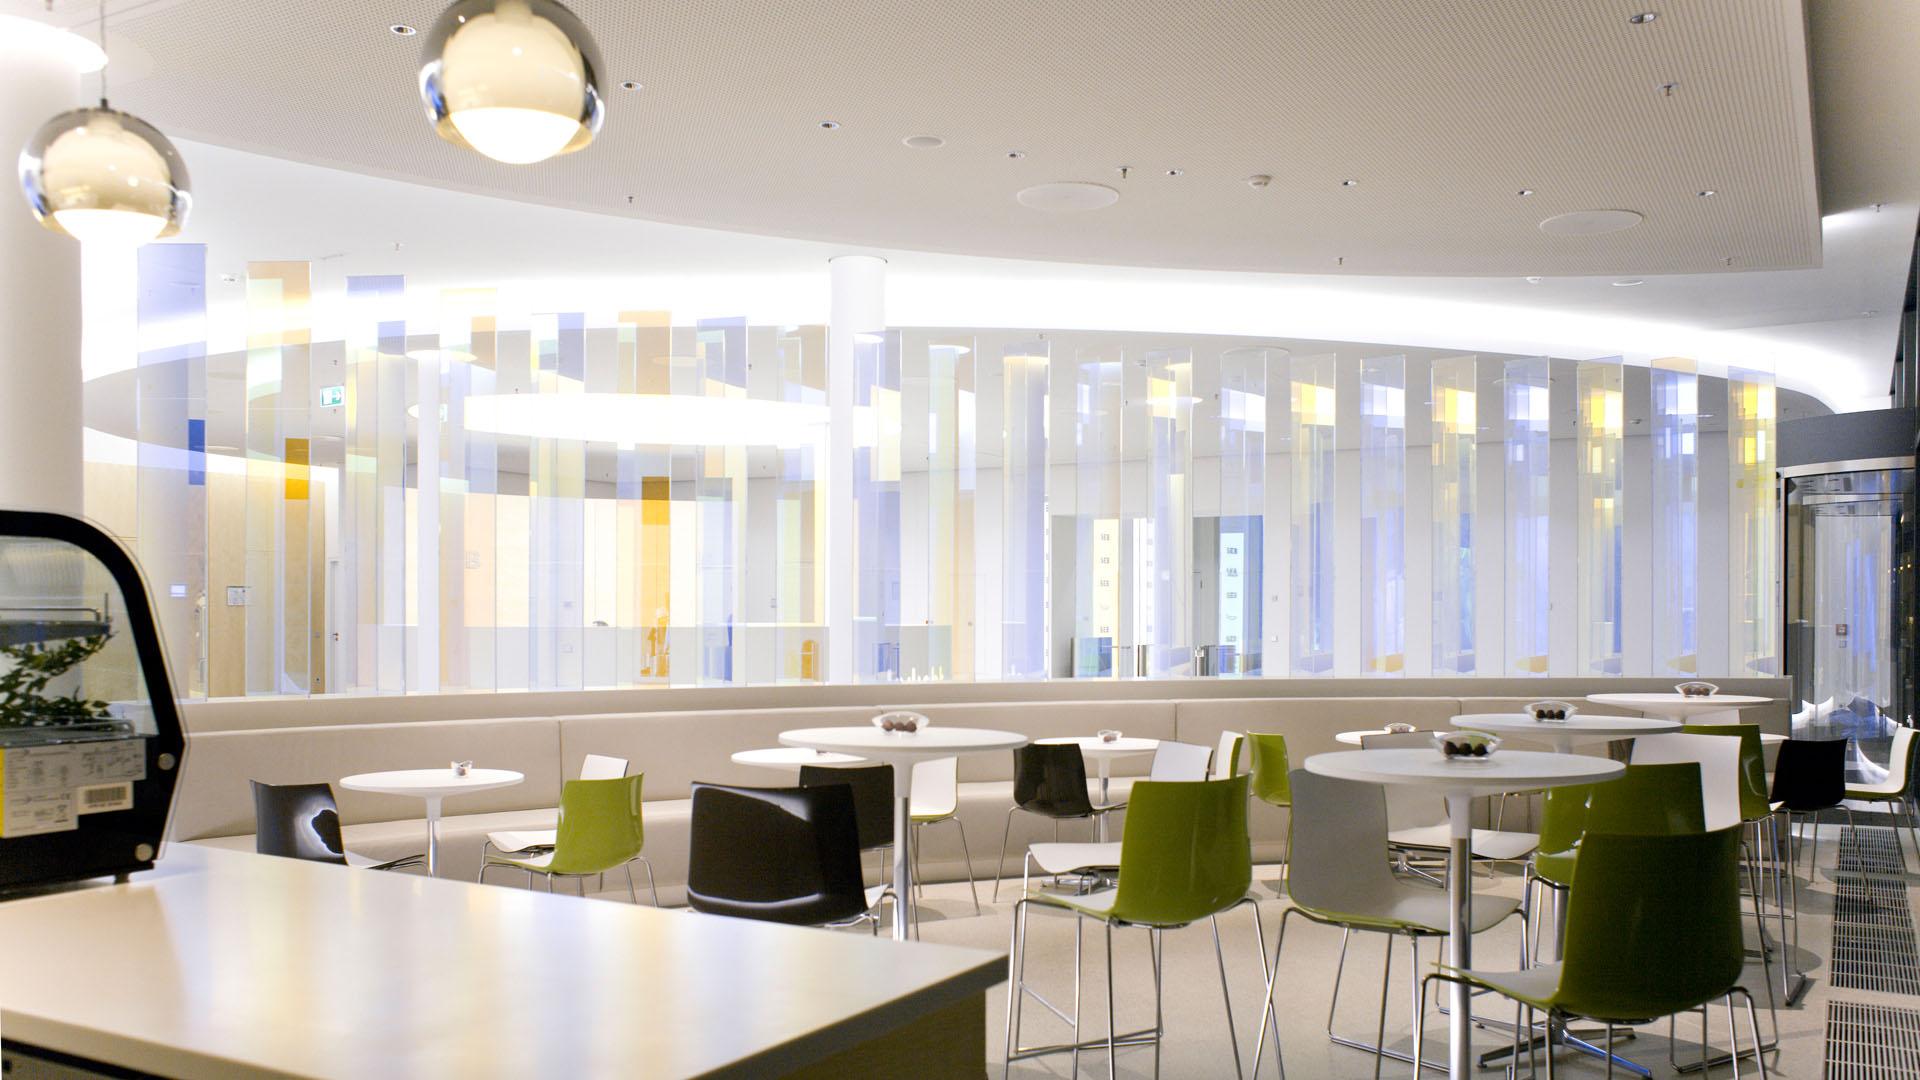 MAASS-Lichtplanung_Lichtplanung im Foyer der SEB Zentrale__MAASS-Skylight-Foyer-002